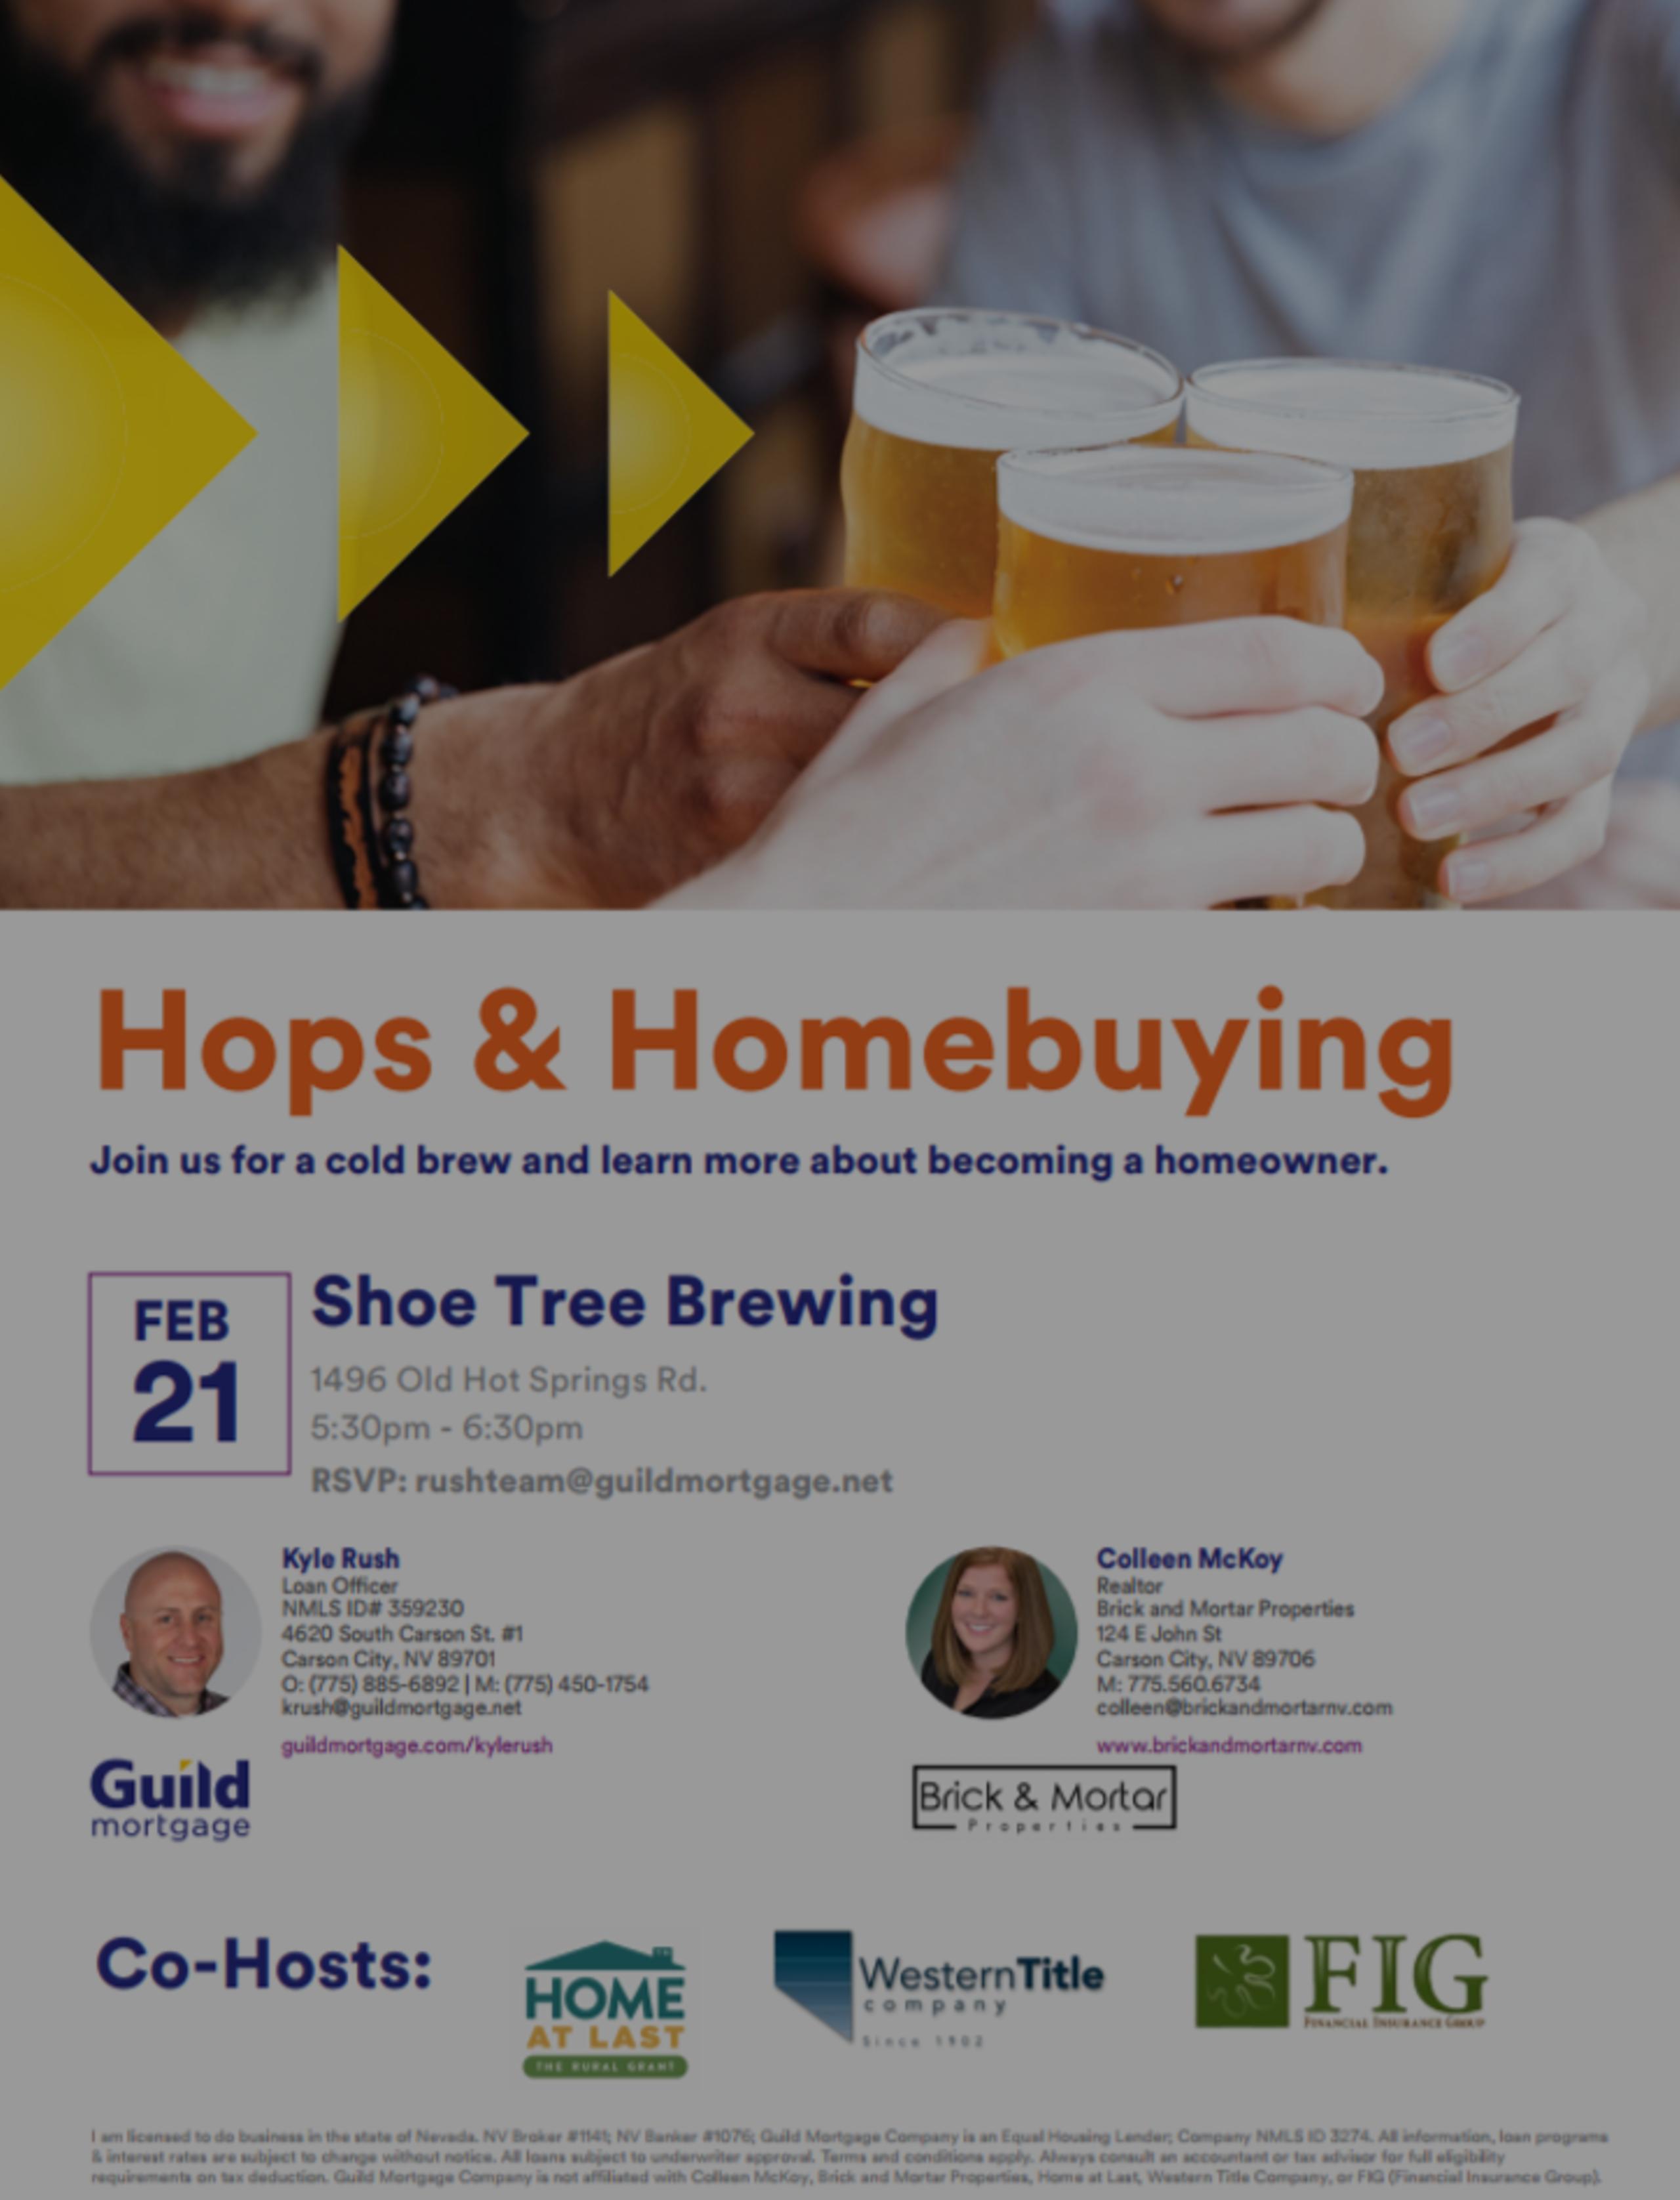 Hops & Homebuying